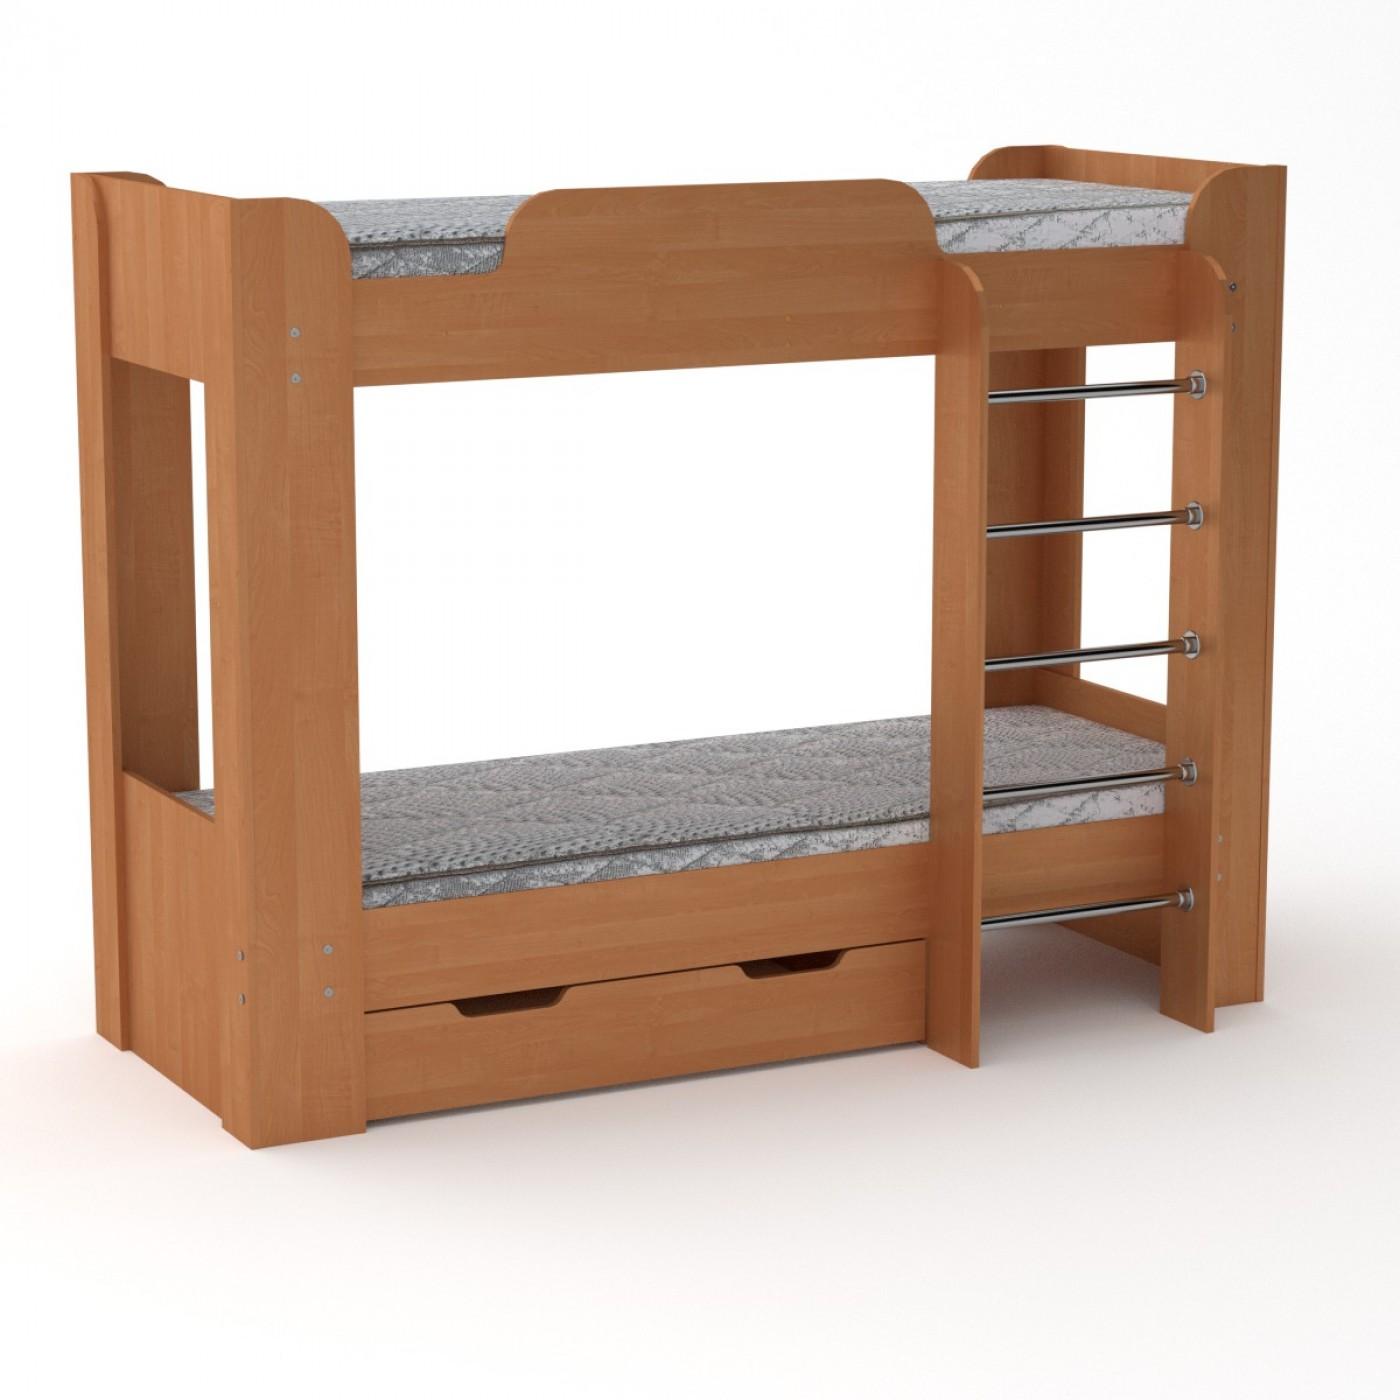 Твикс-2 кровать 2-х ярусная